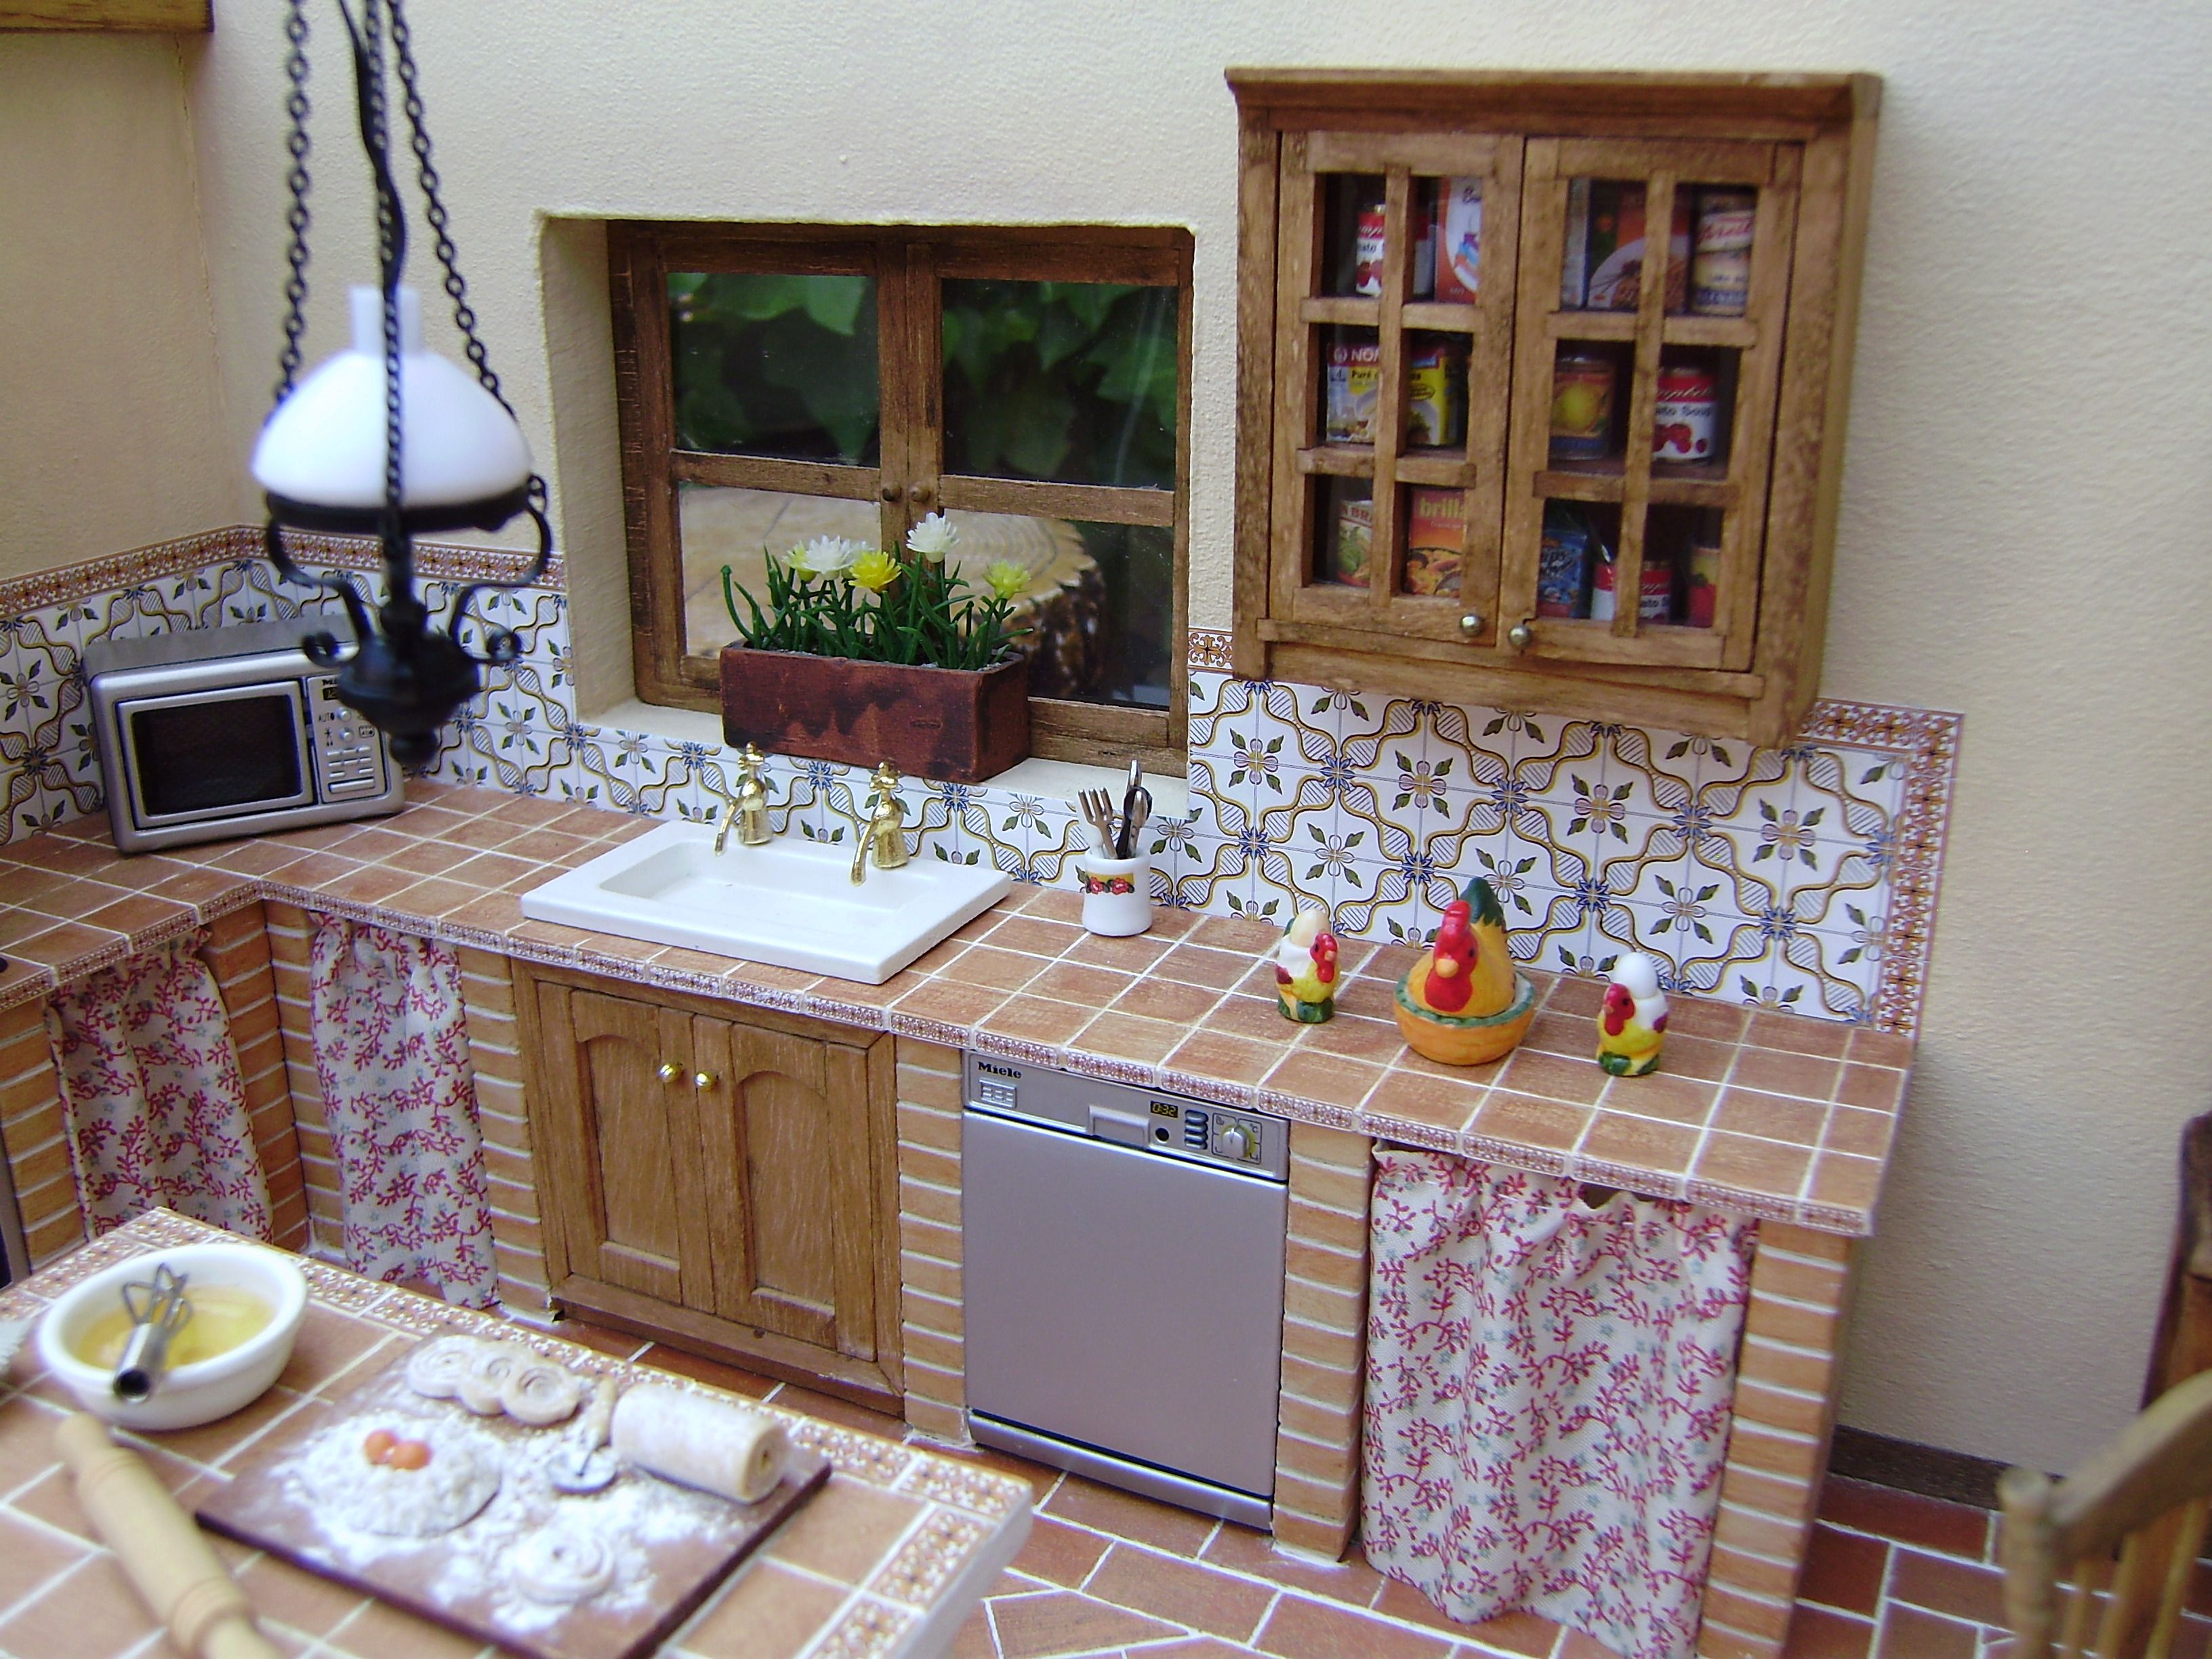 Cocina r stica sin parar de trastear miniaturas in - Cortinas cocina rustica ...